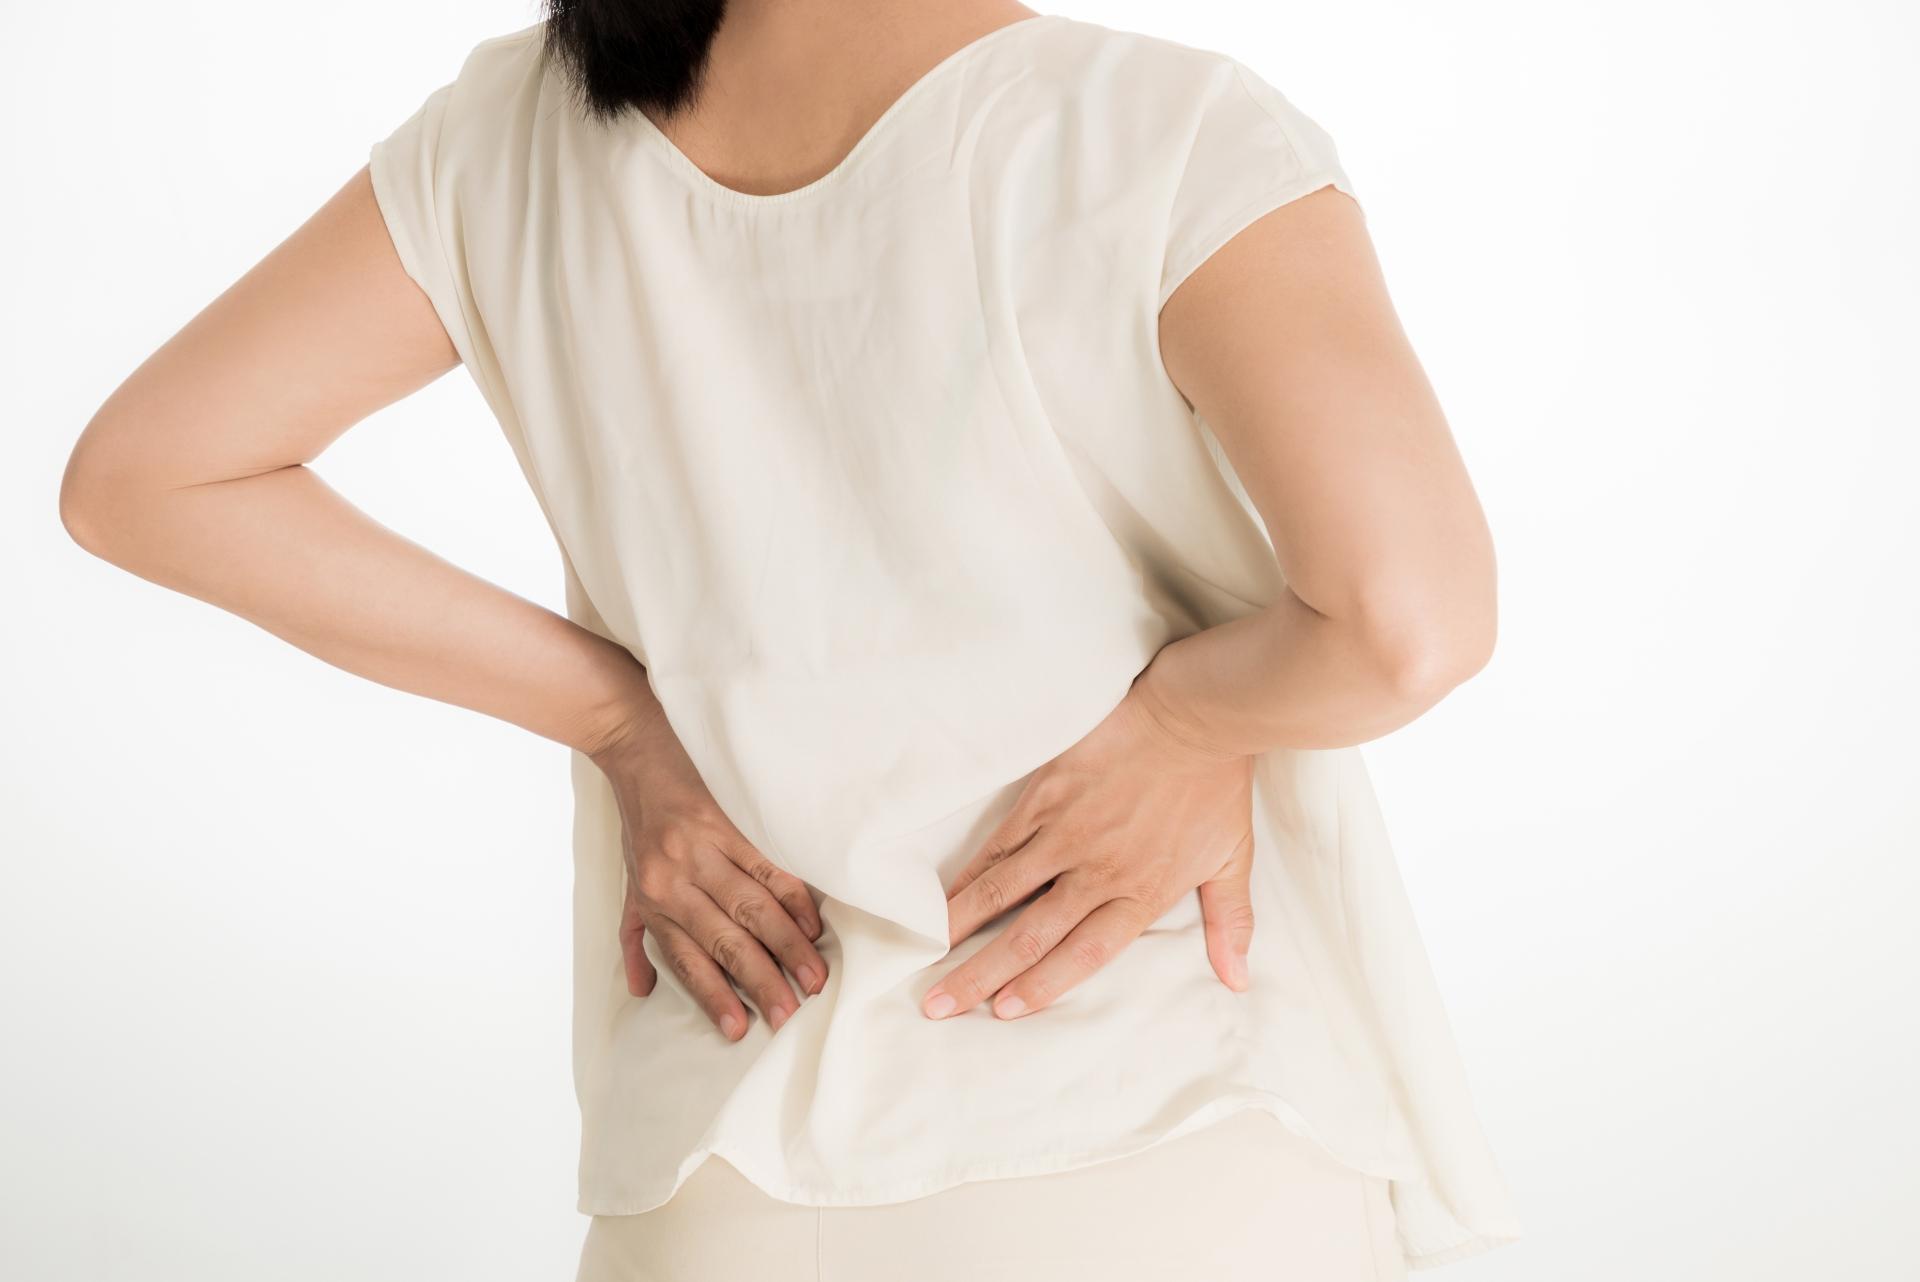 背骨の歪みの原因